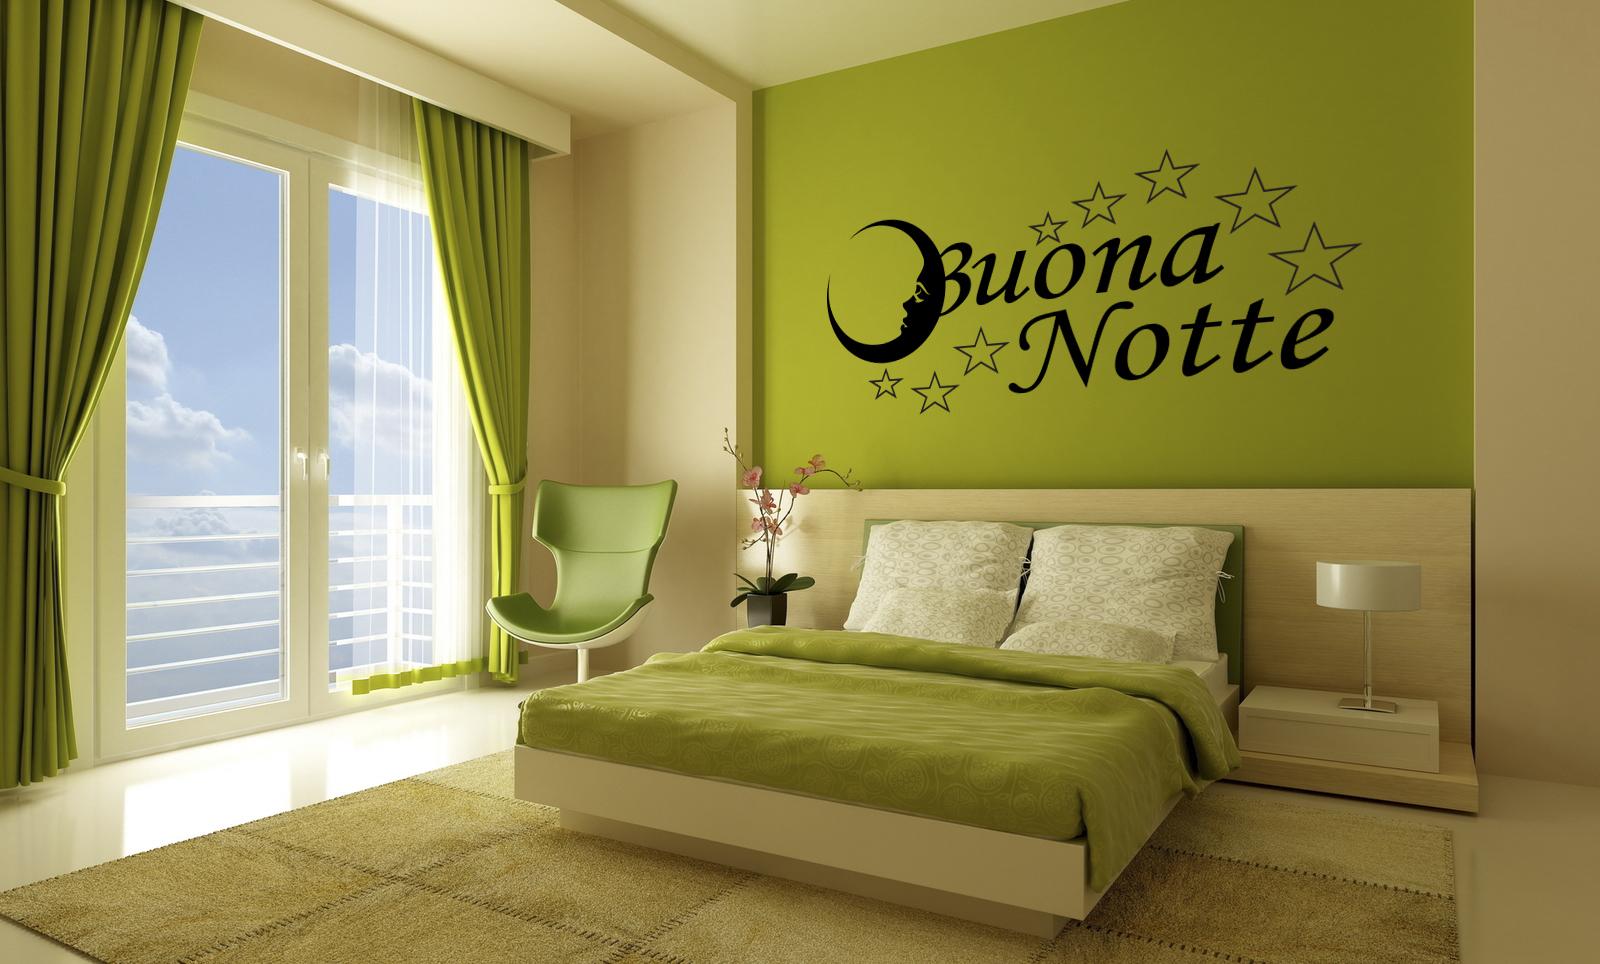 Sticker buonanotte SpotApplick Prodotti